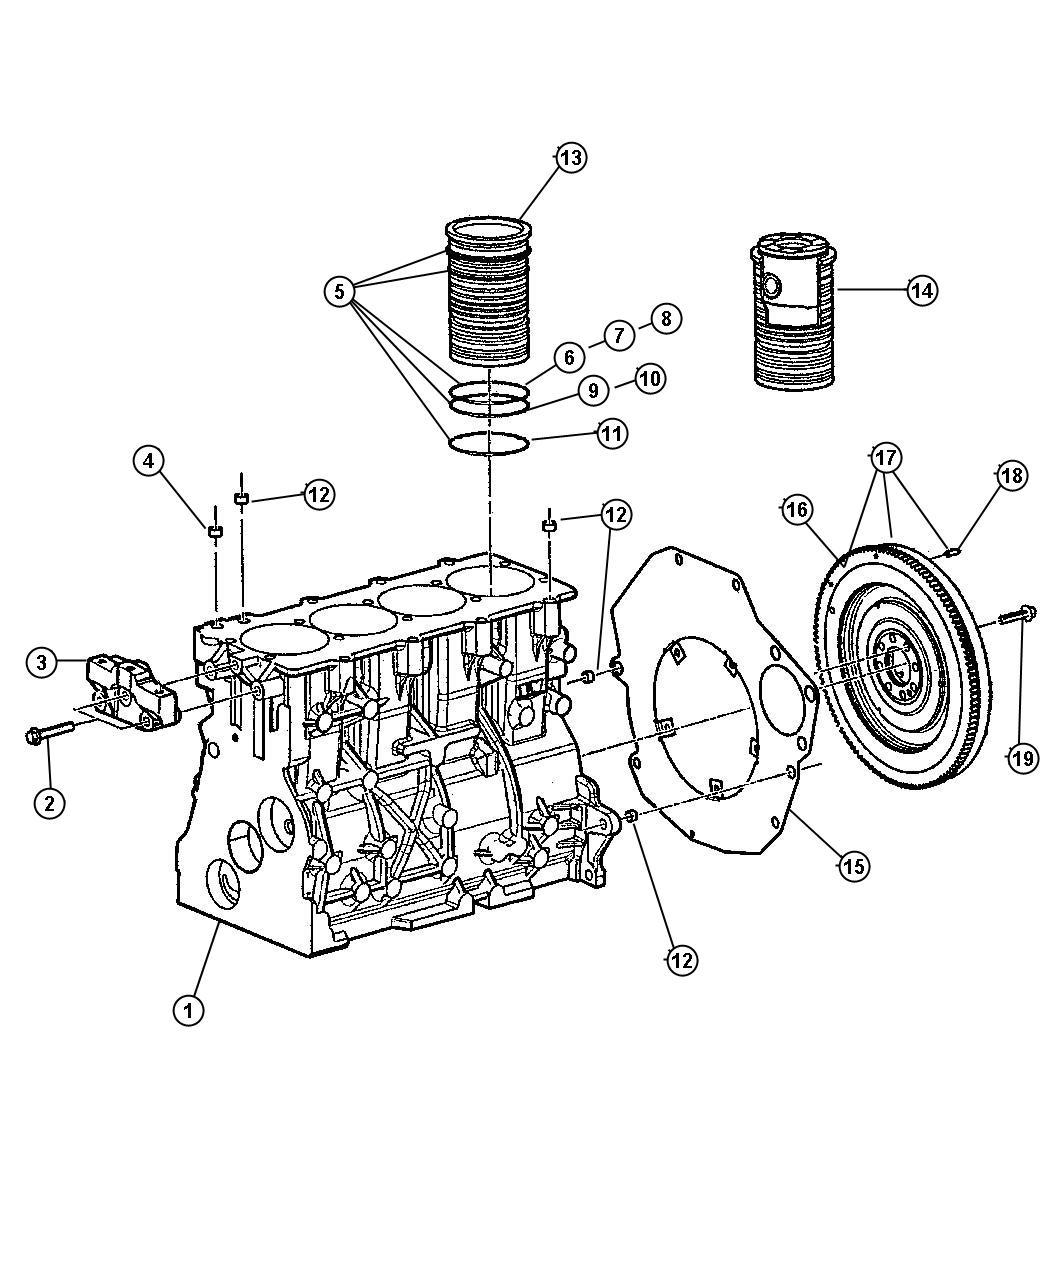 Chrysler Pt Cruiser Flywheel Enginesel Turbo